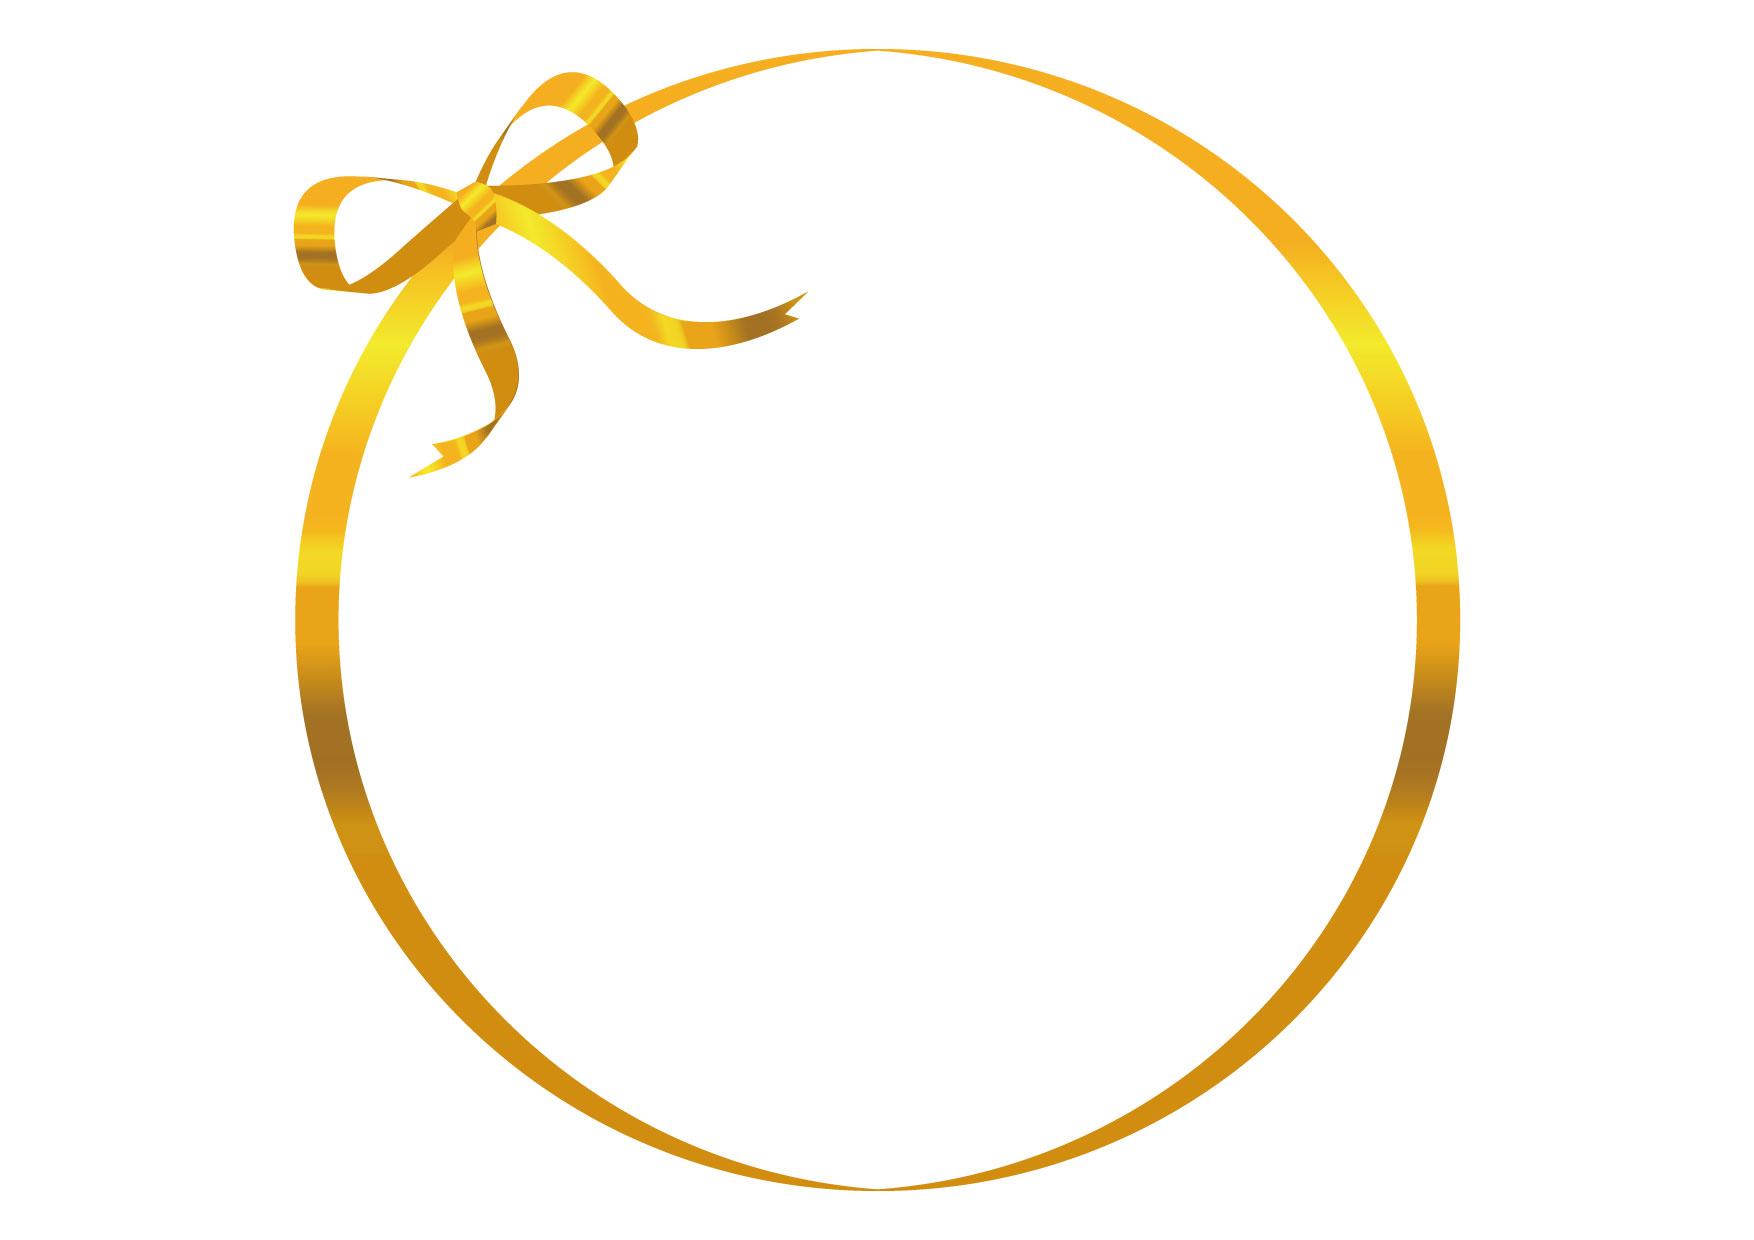 可愛いイラスト無料|リボン フレーム 金色 − free illustration Ribbon frame gold